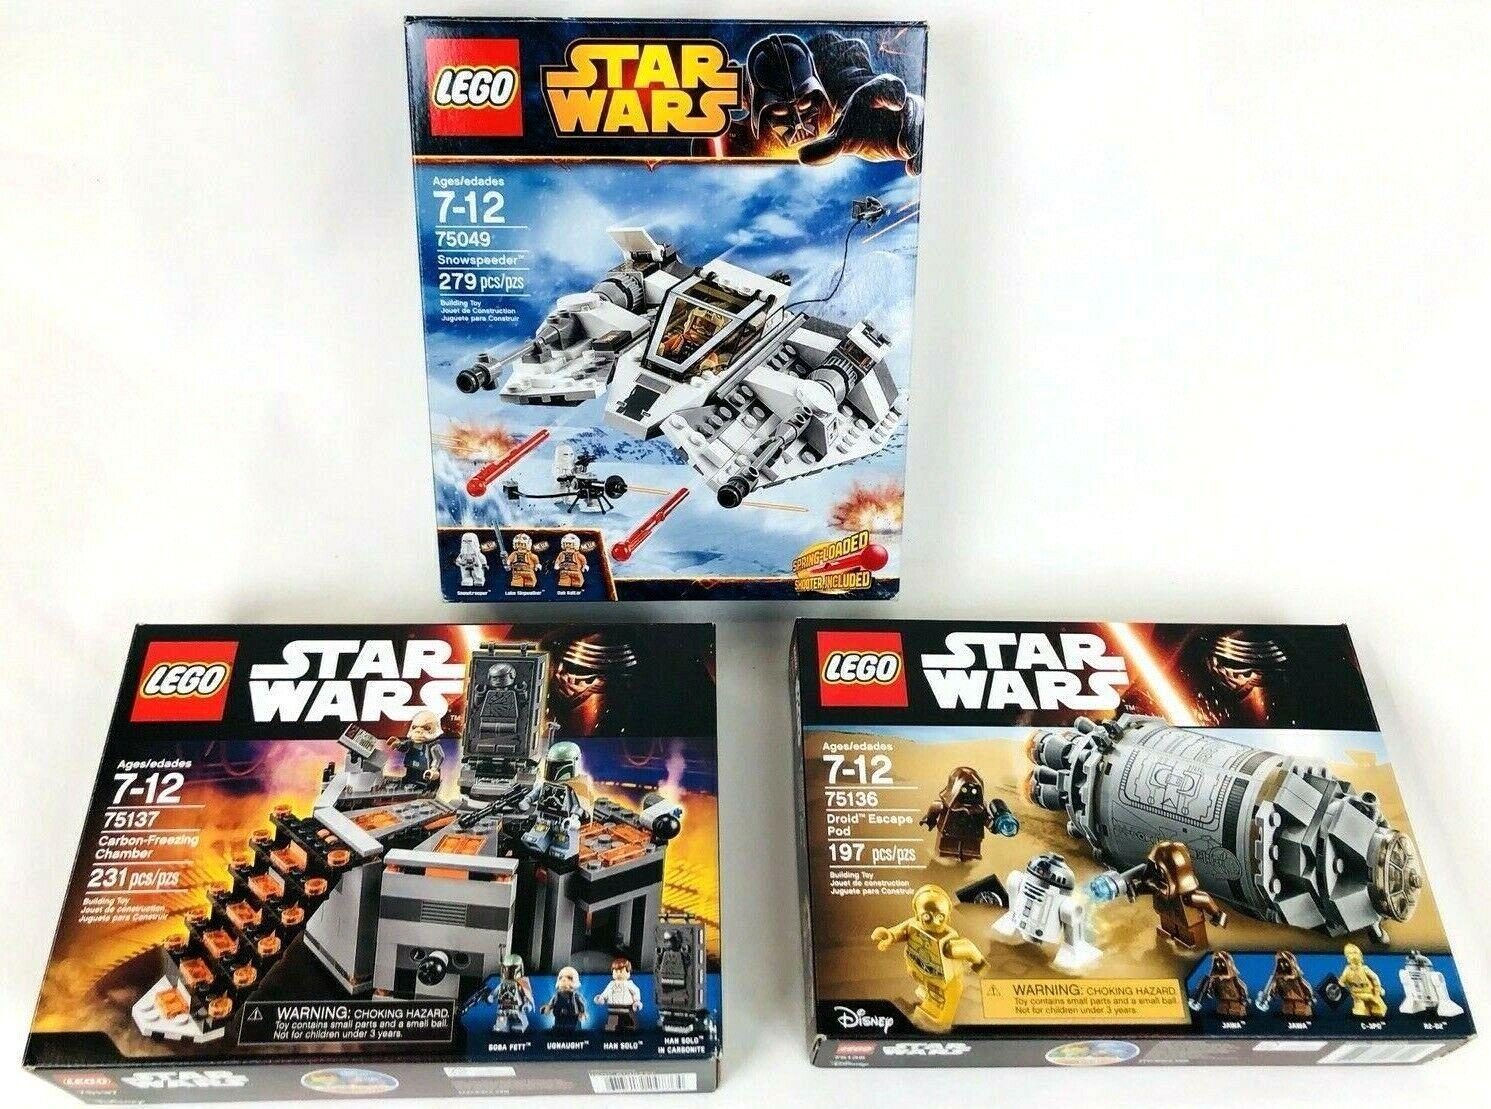 all'ingrosso economico e di alta qualità Lego Estrella Guerras Guerras Guerras Lot 75137 autobon gratuitozing 75136 Droid Escape 75049 Snowspeeder  punti vendita